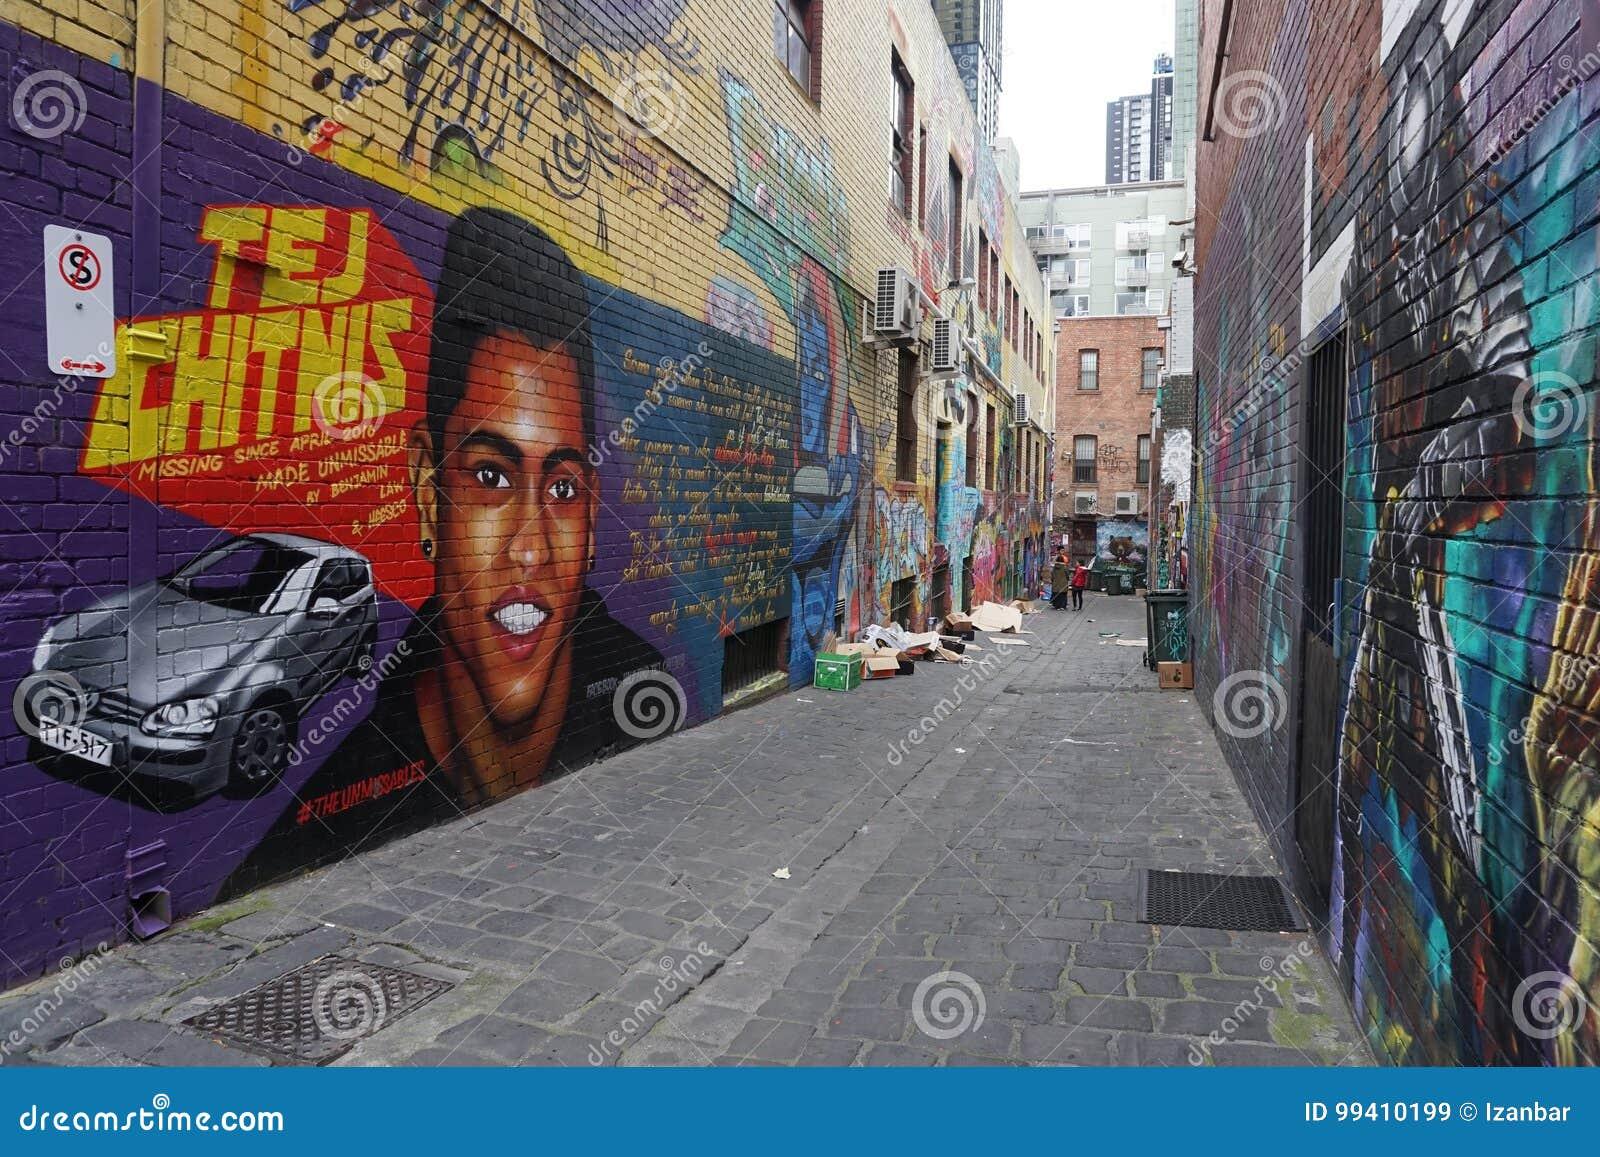 ŚCIENNYCH obrazów graffiti murales na miasto ulicach Melbourne AUSTRALIA, SIERPIEŃ - 15 2017 -